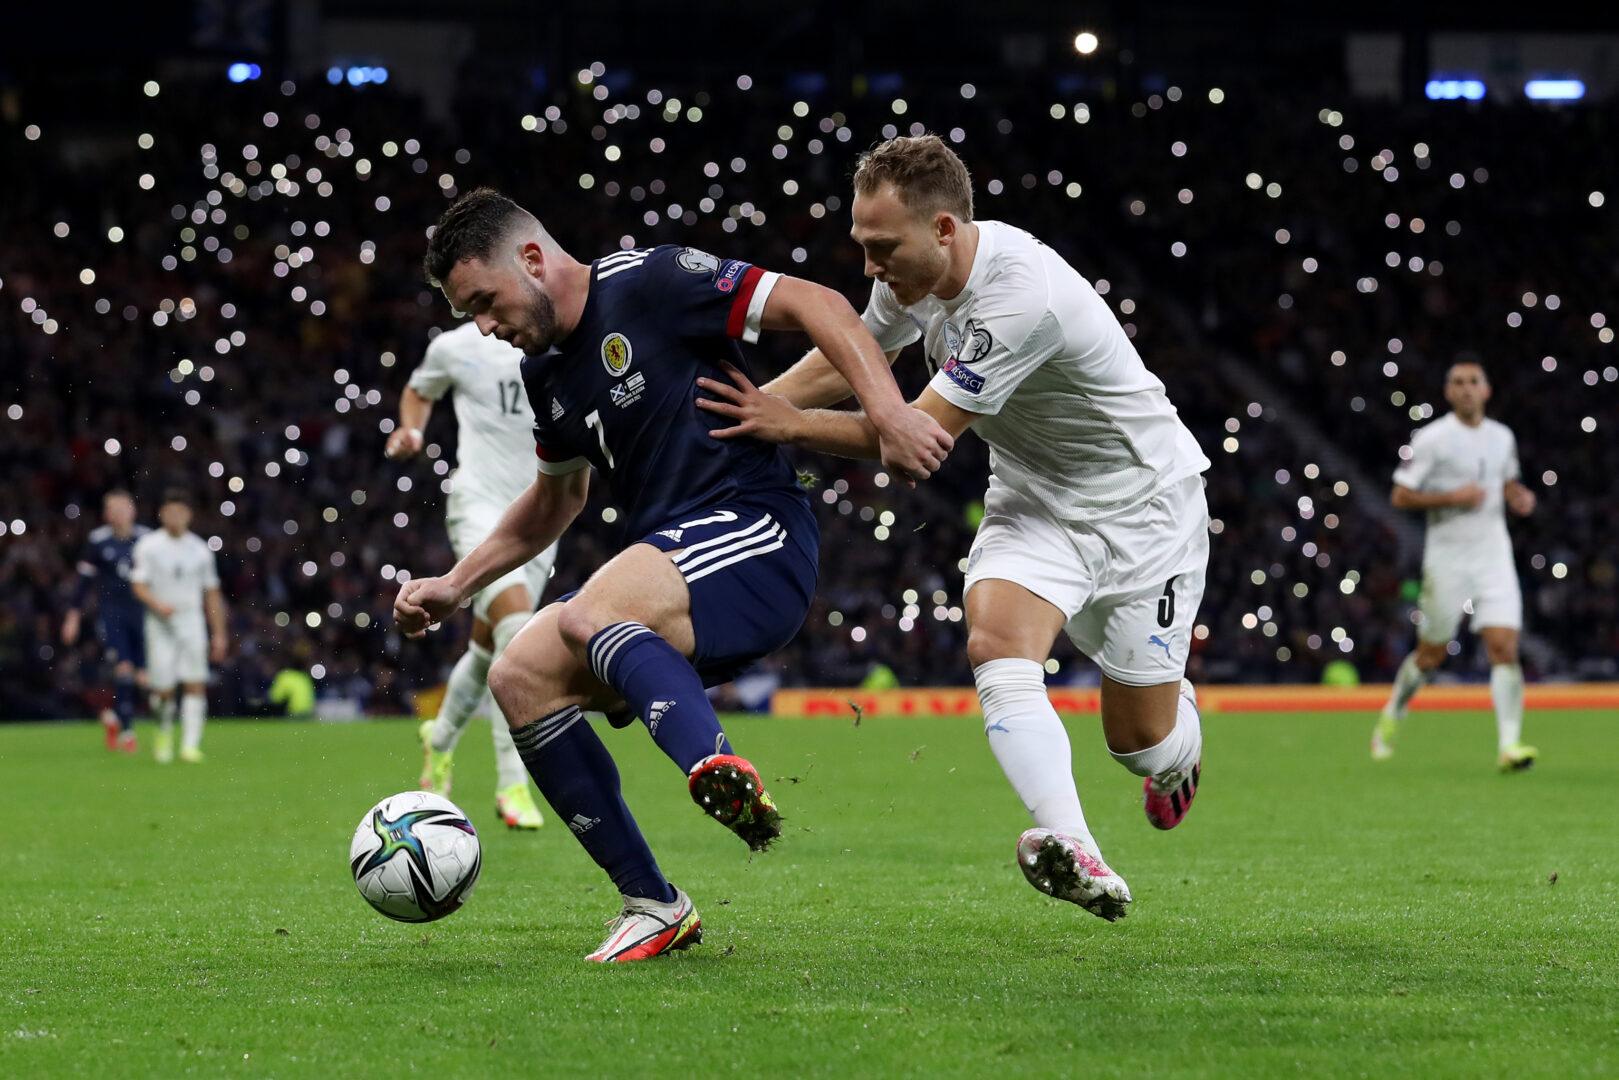 WM-Qualifikation: Schottland patzt zuhause gegen Israel